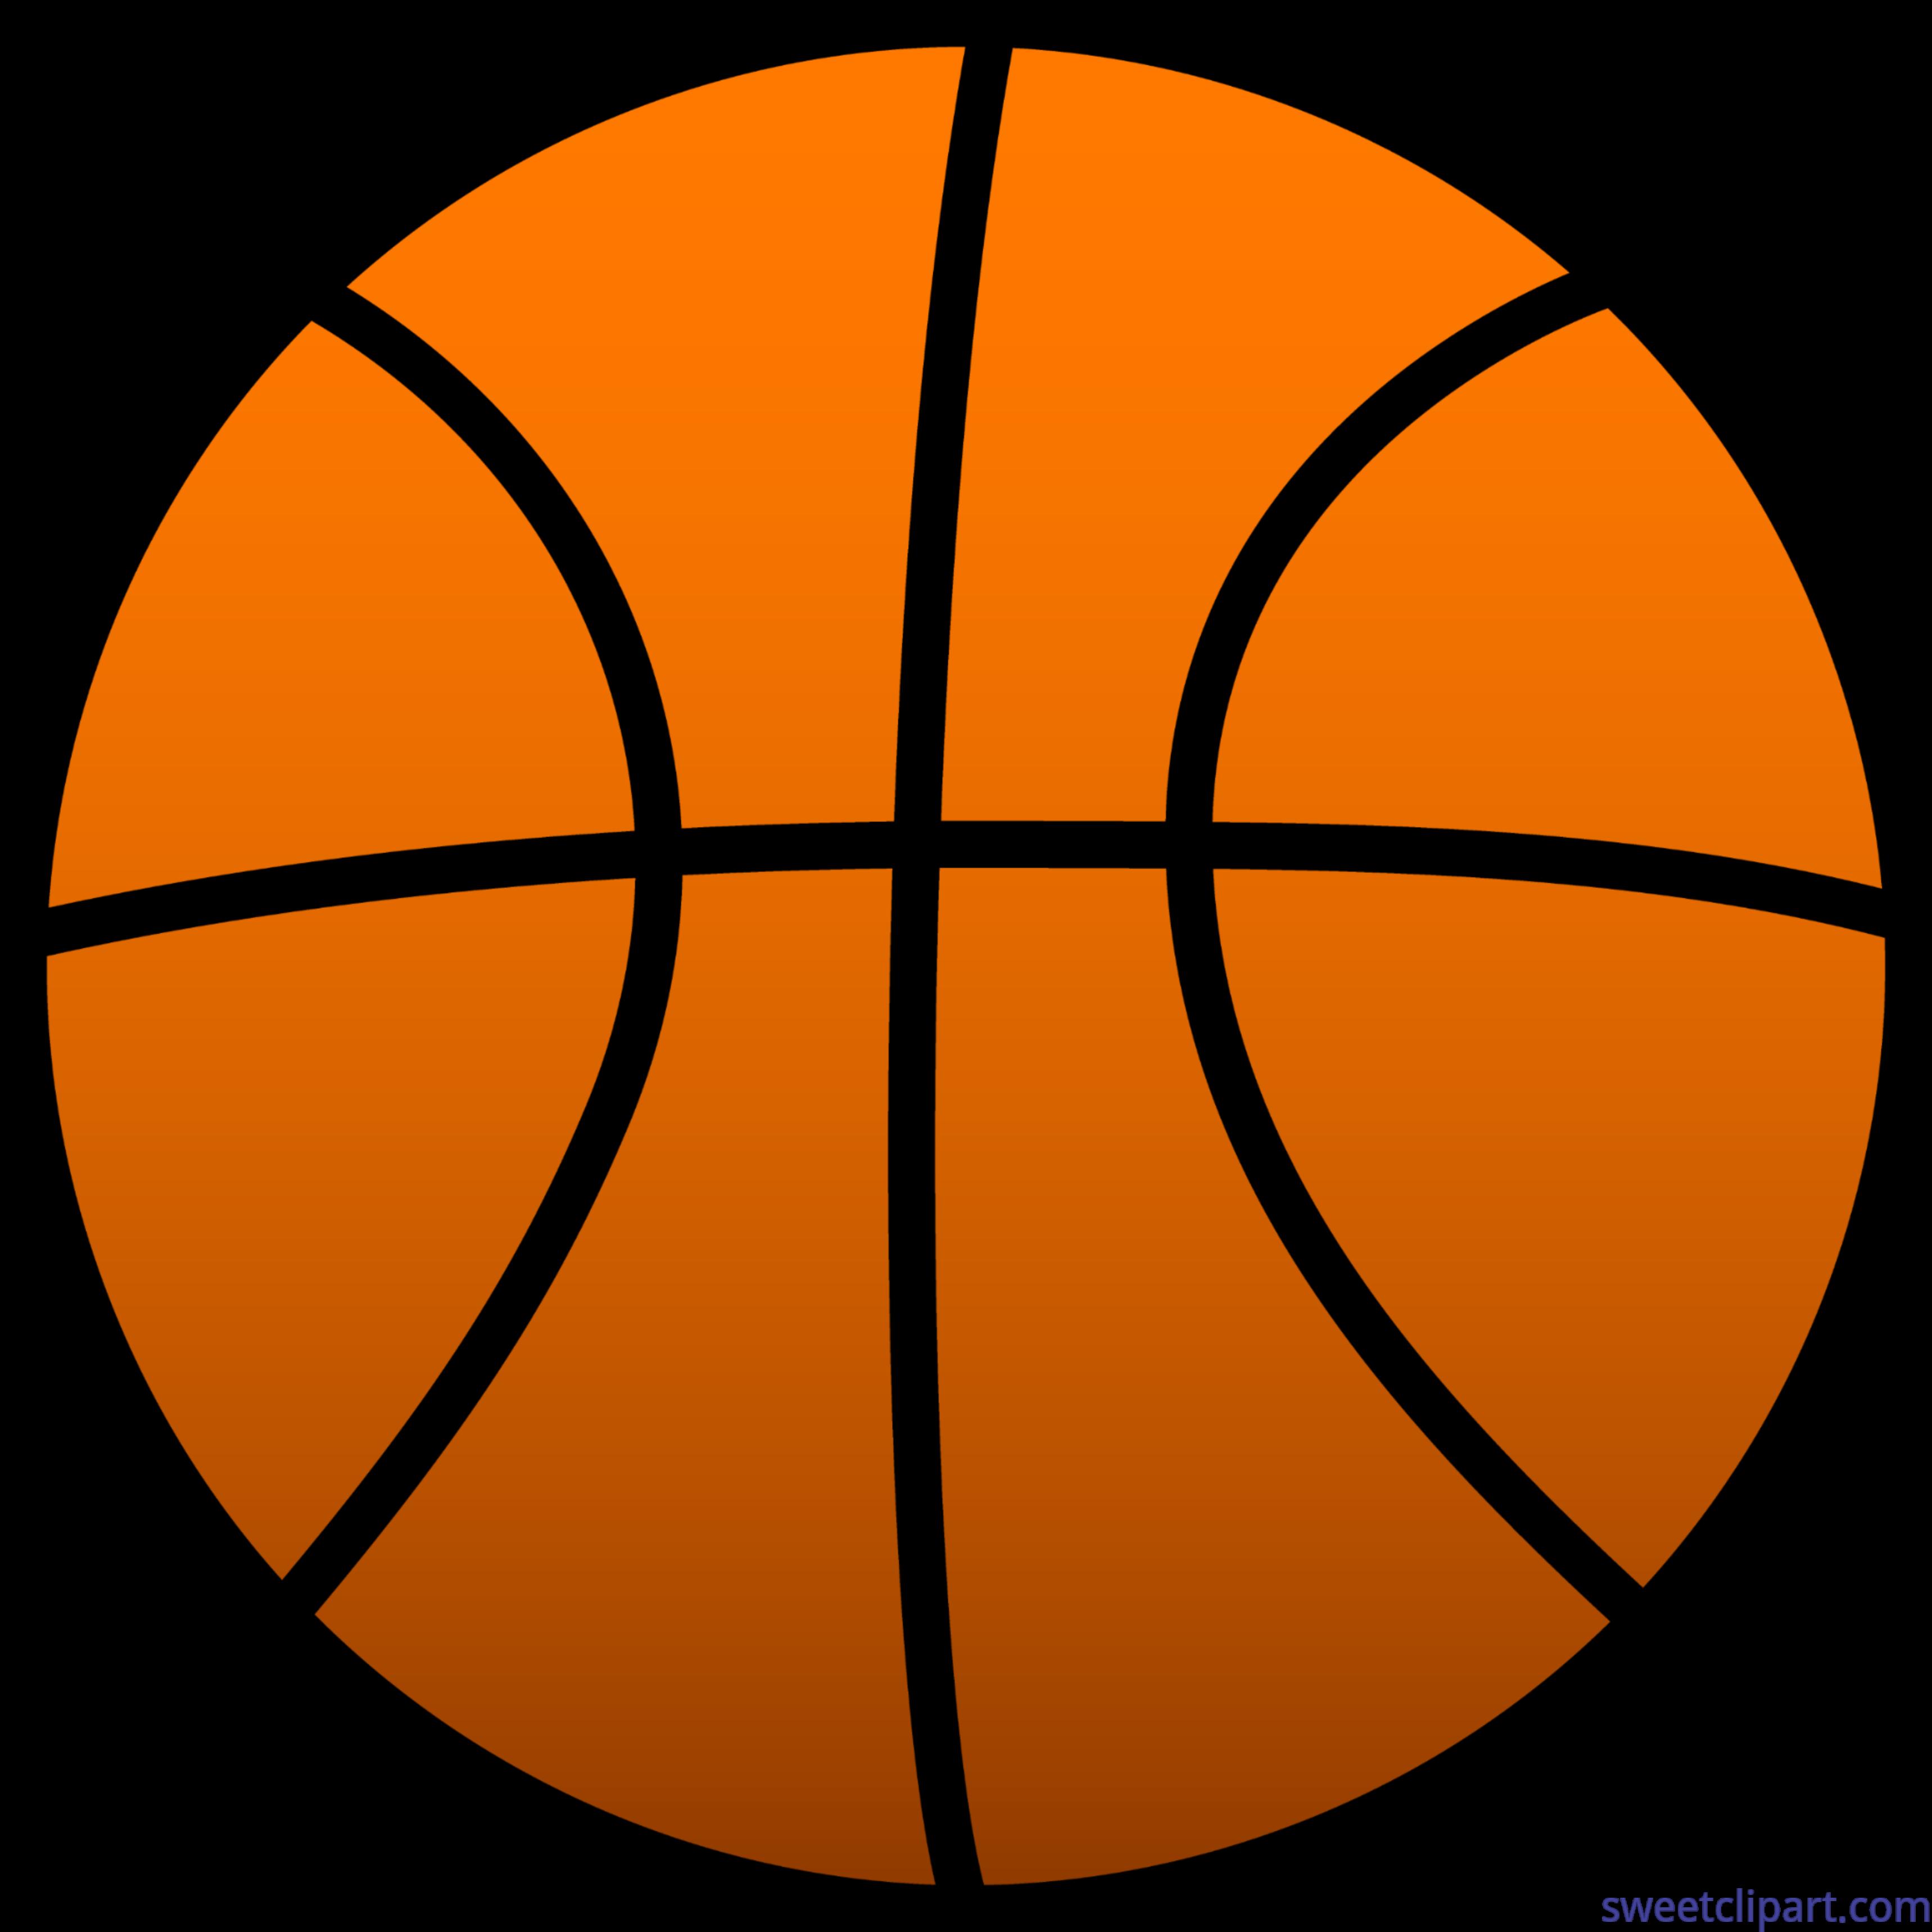 Clip art sweet. Clipart basketball grey